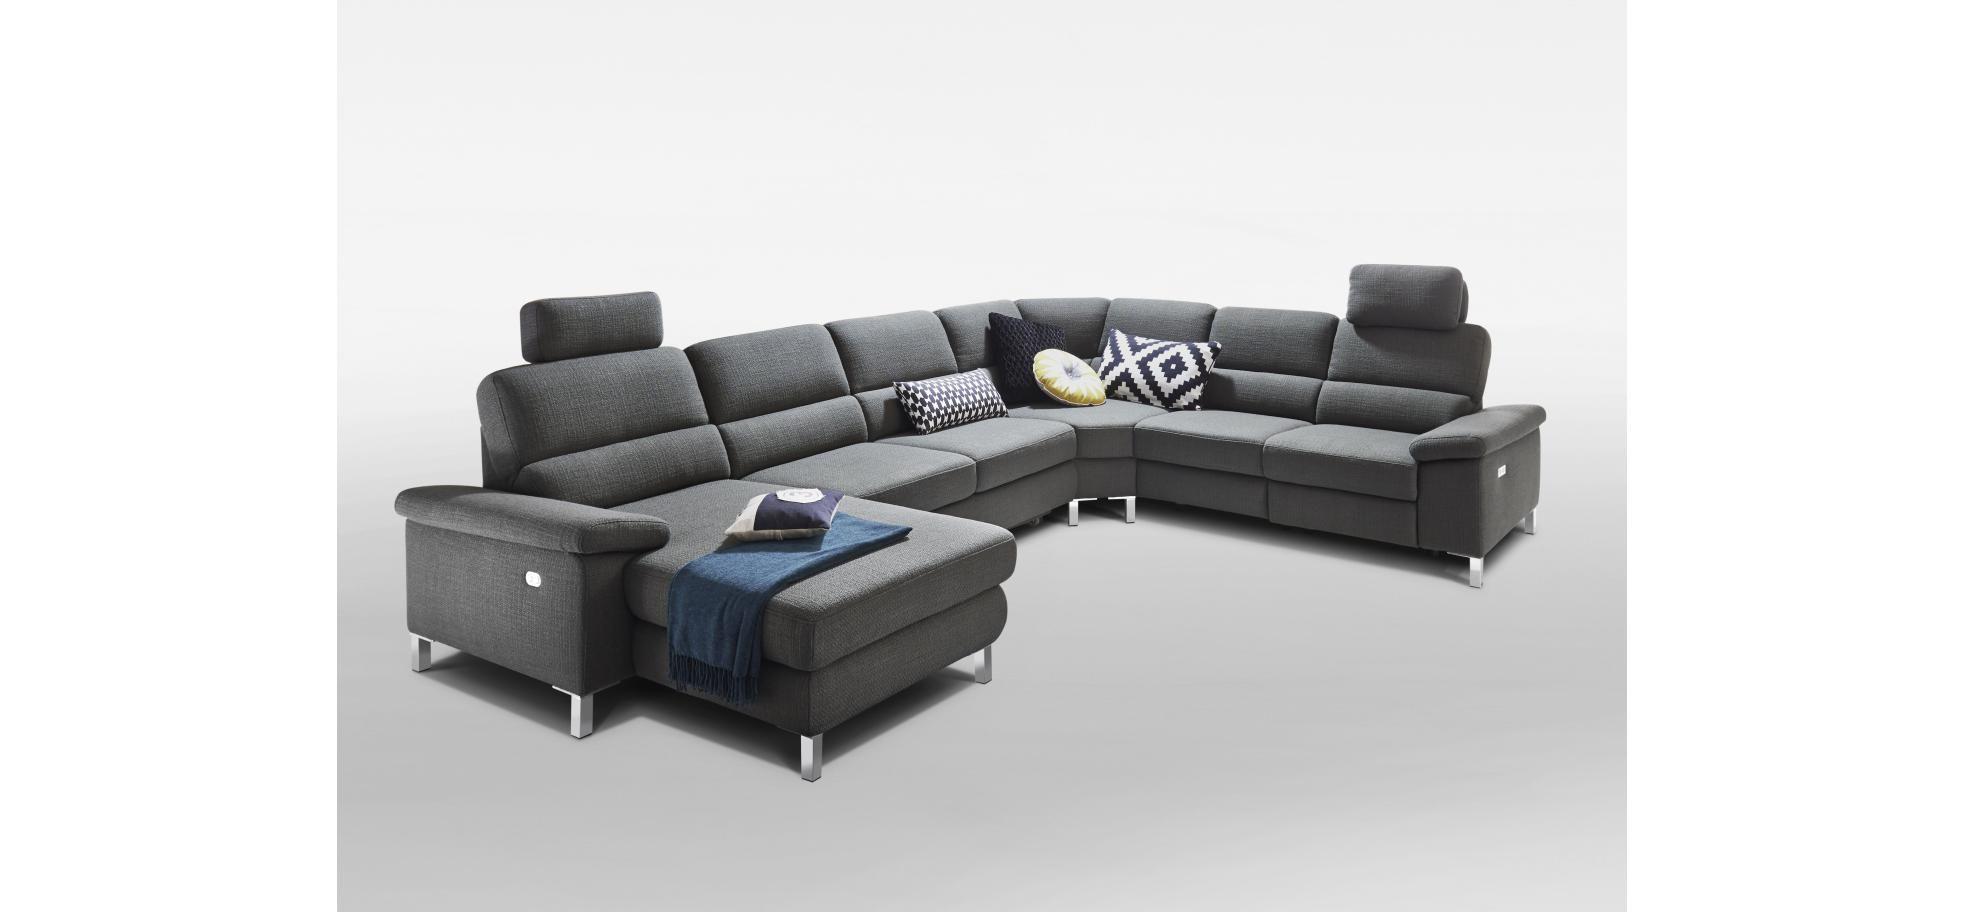 Wohnlandschadft In Grauem Stoff Berkemeier Home Company Möbelstück Schöne Zuhause Gemütlich